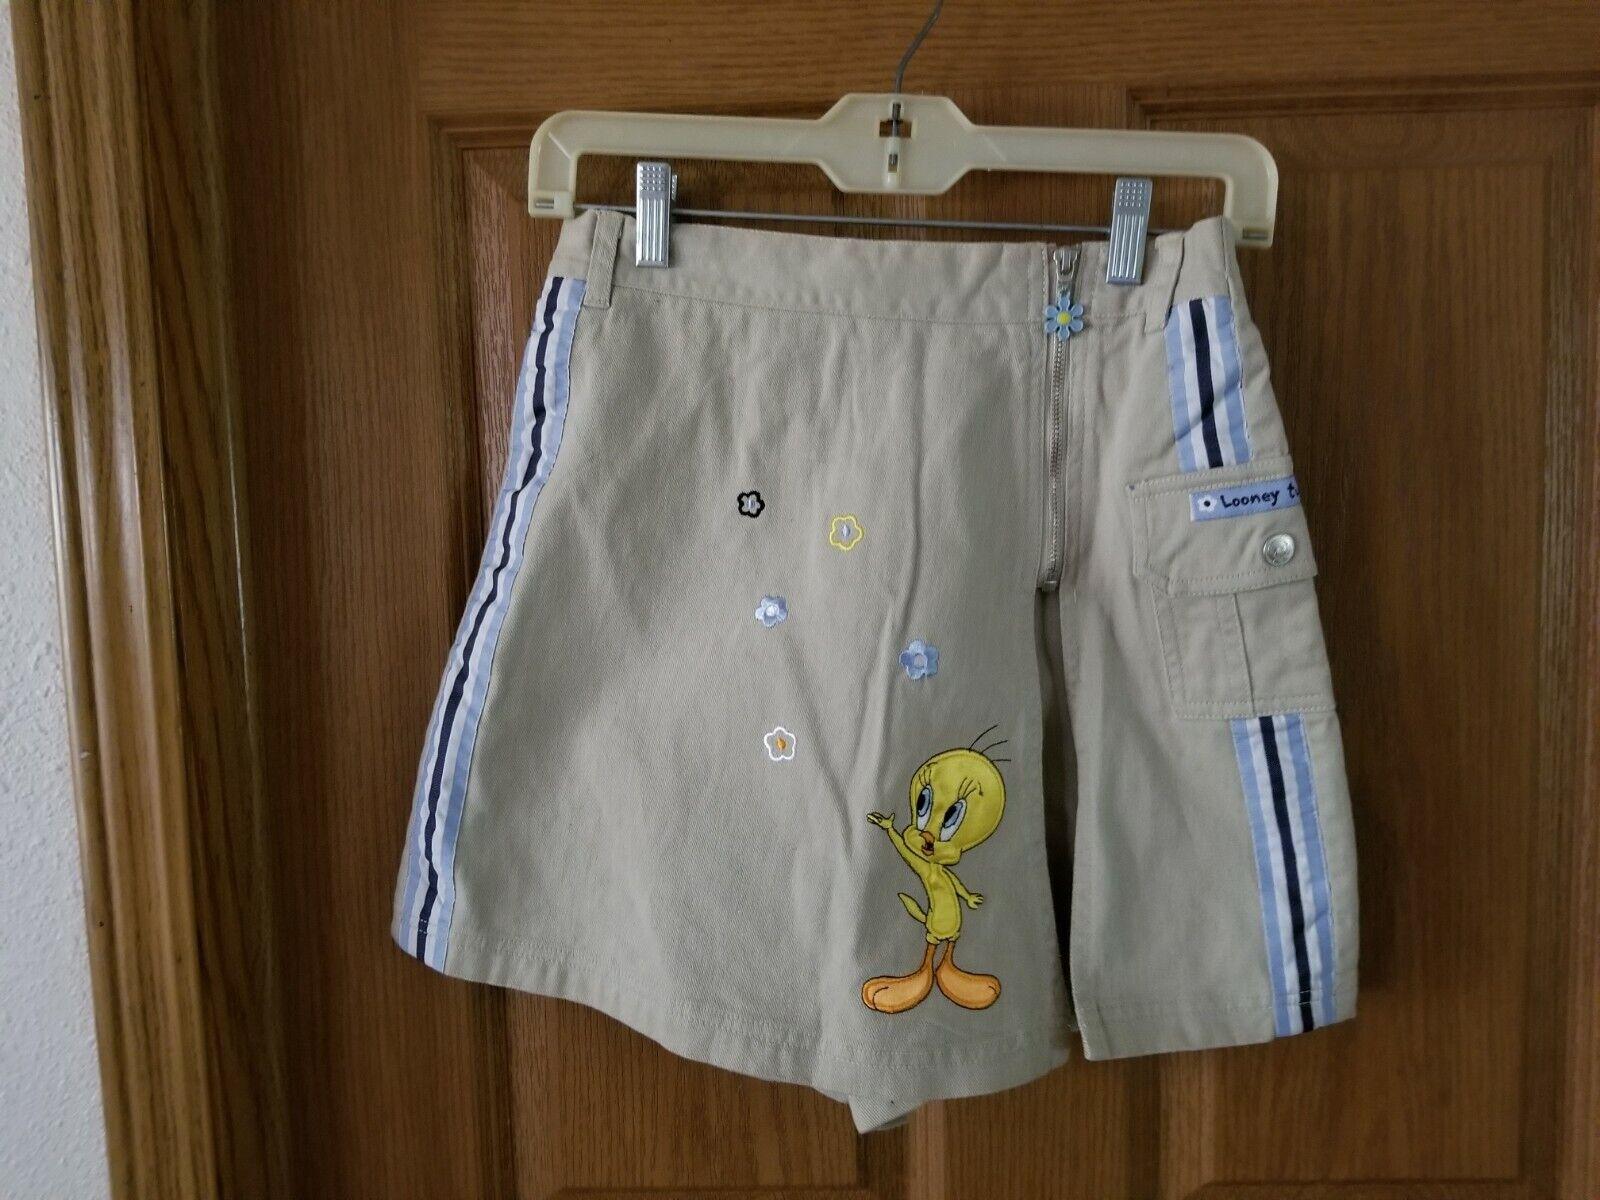 *LOONEY TUNES* Tweety Bird Girls Shorts Skort Size(14) 100% Cotton.